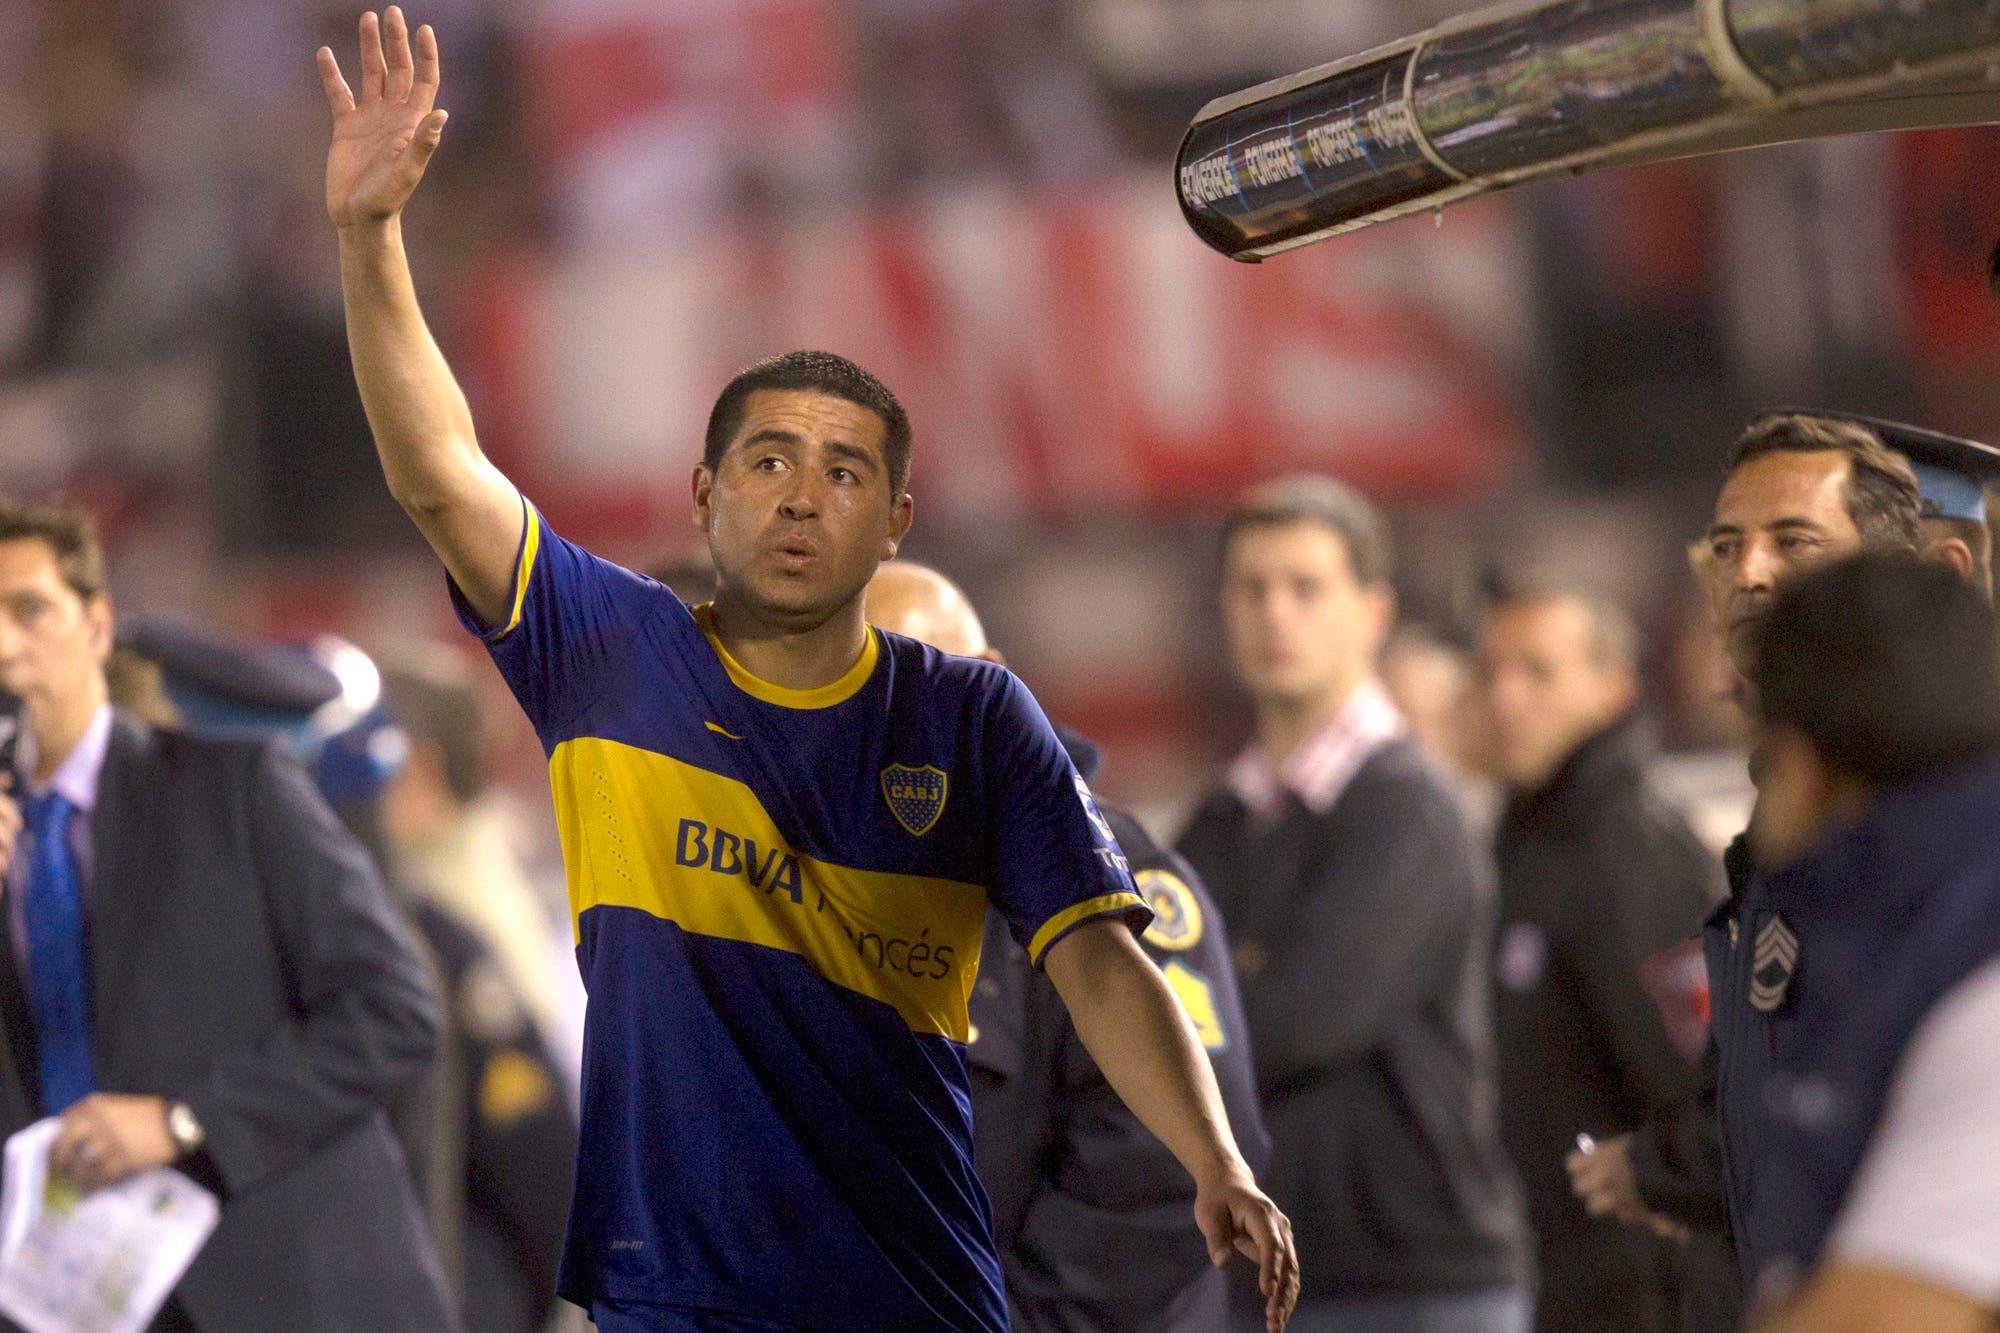 El caso Osvaldo: qué otros símbolos volvieron al fútbol para ganarle al olvido